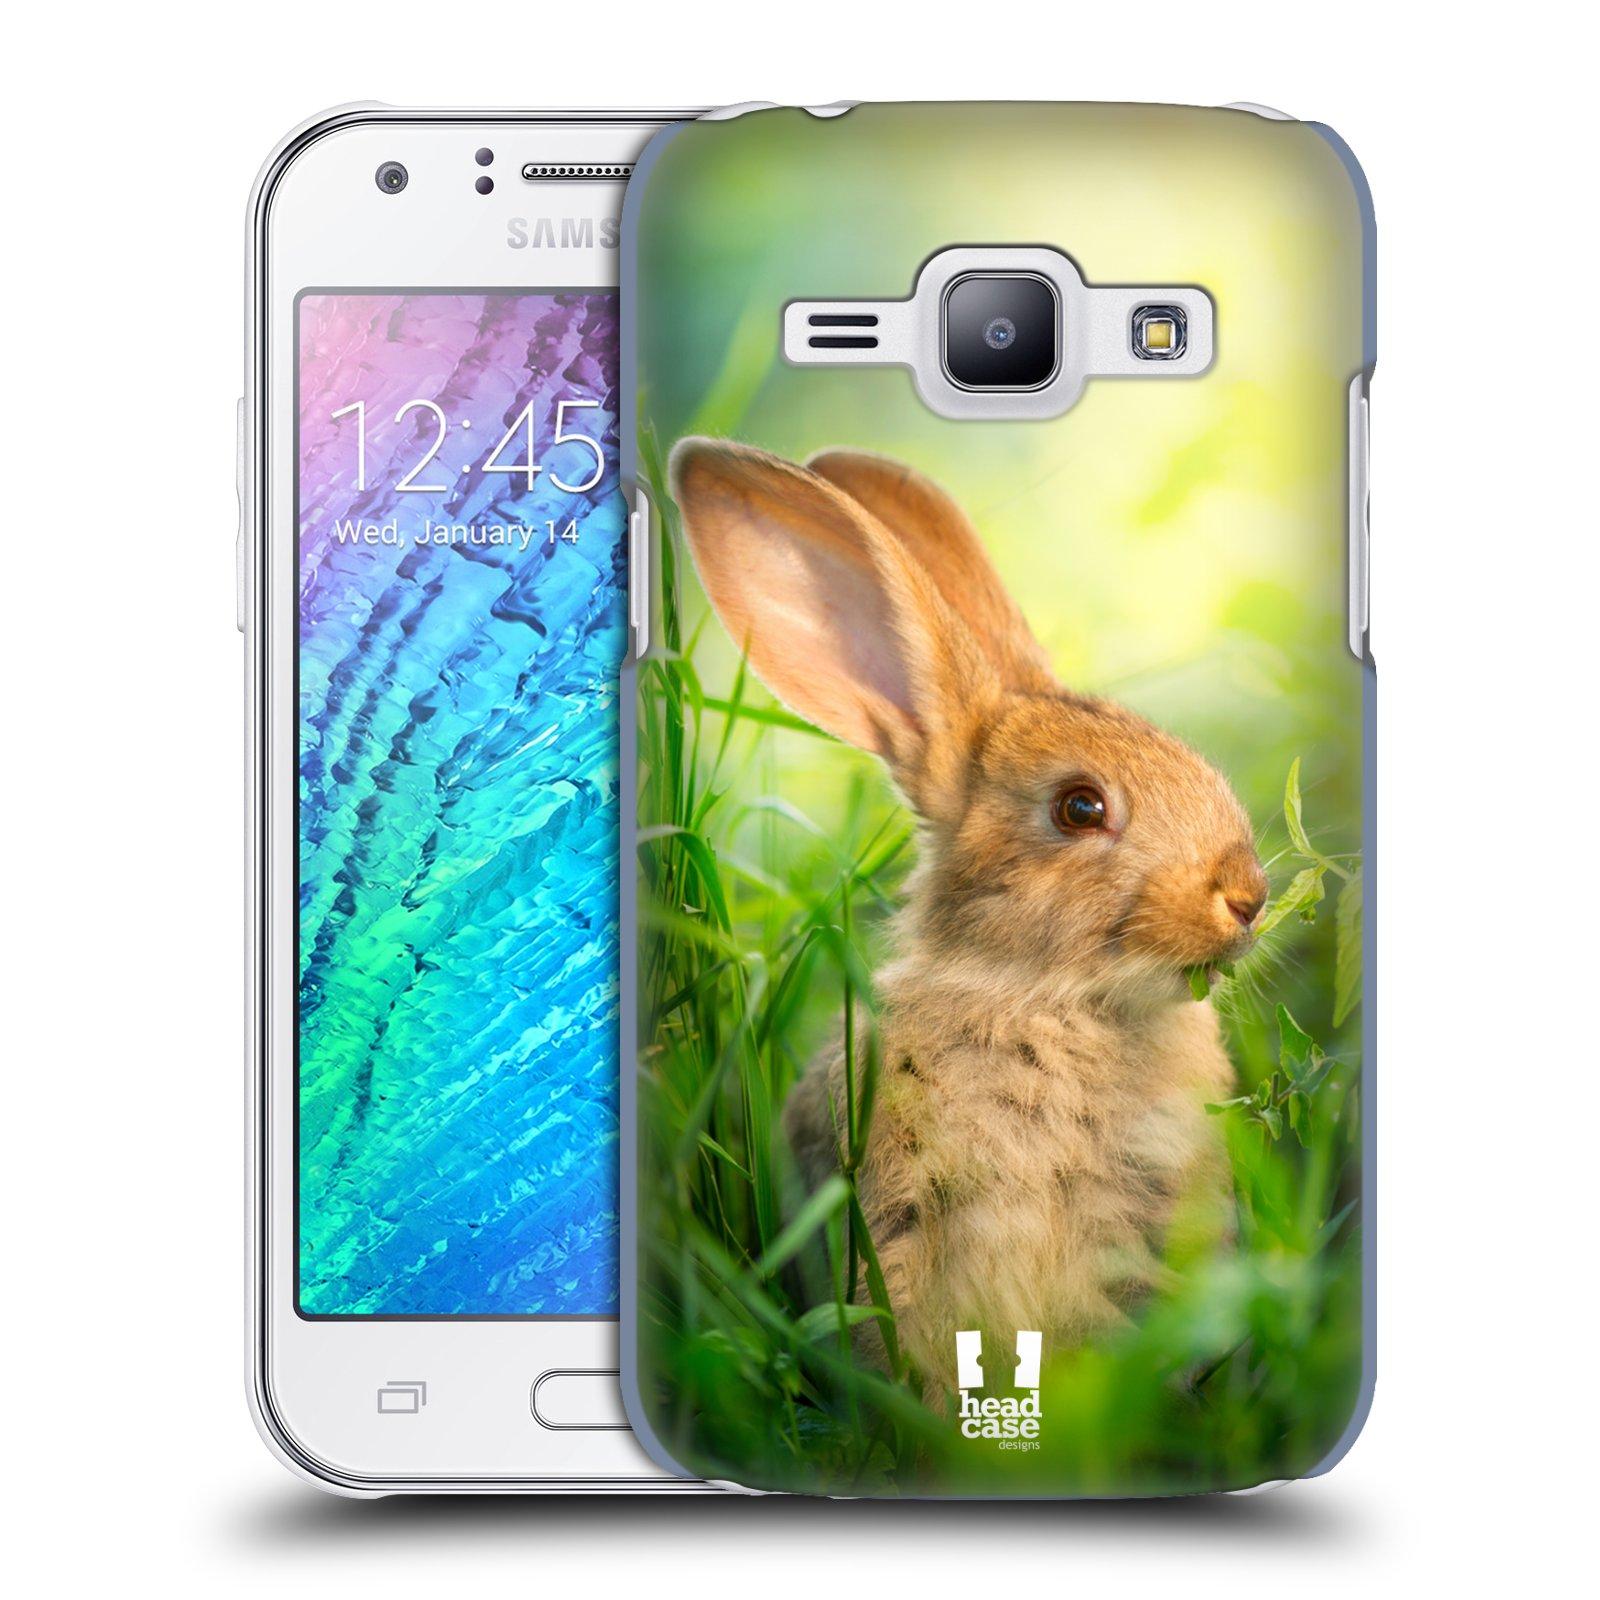 HEAD CASE plastový obal na mobil SAMSUNG Galaxy J1, J100 vzor Divočina, Divoký život a zvířata foto ZAJÍČEK V TRÁVĚ ZELENÁ